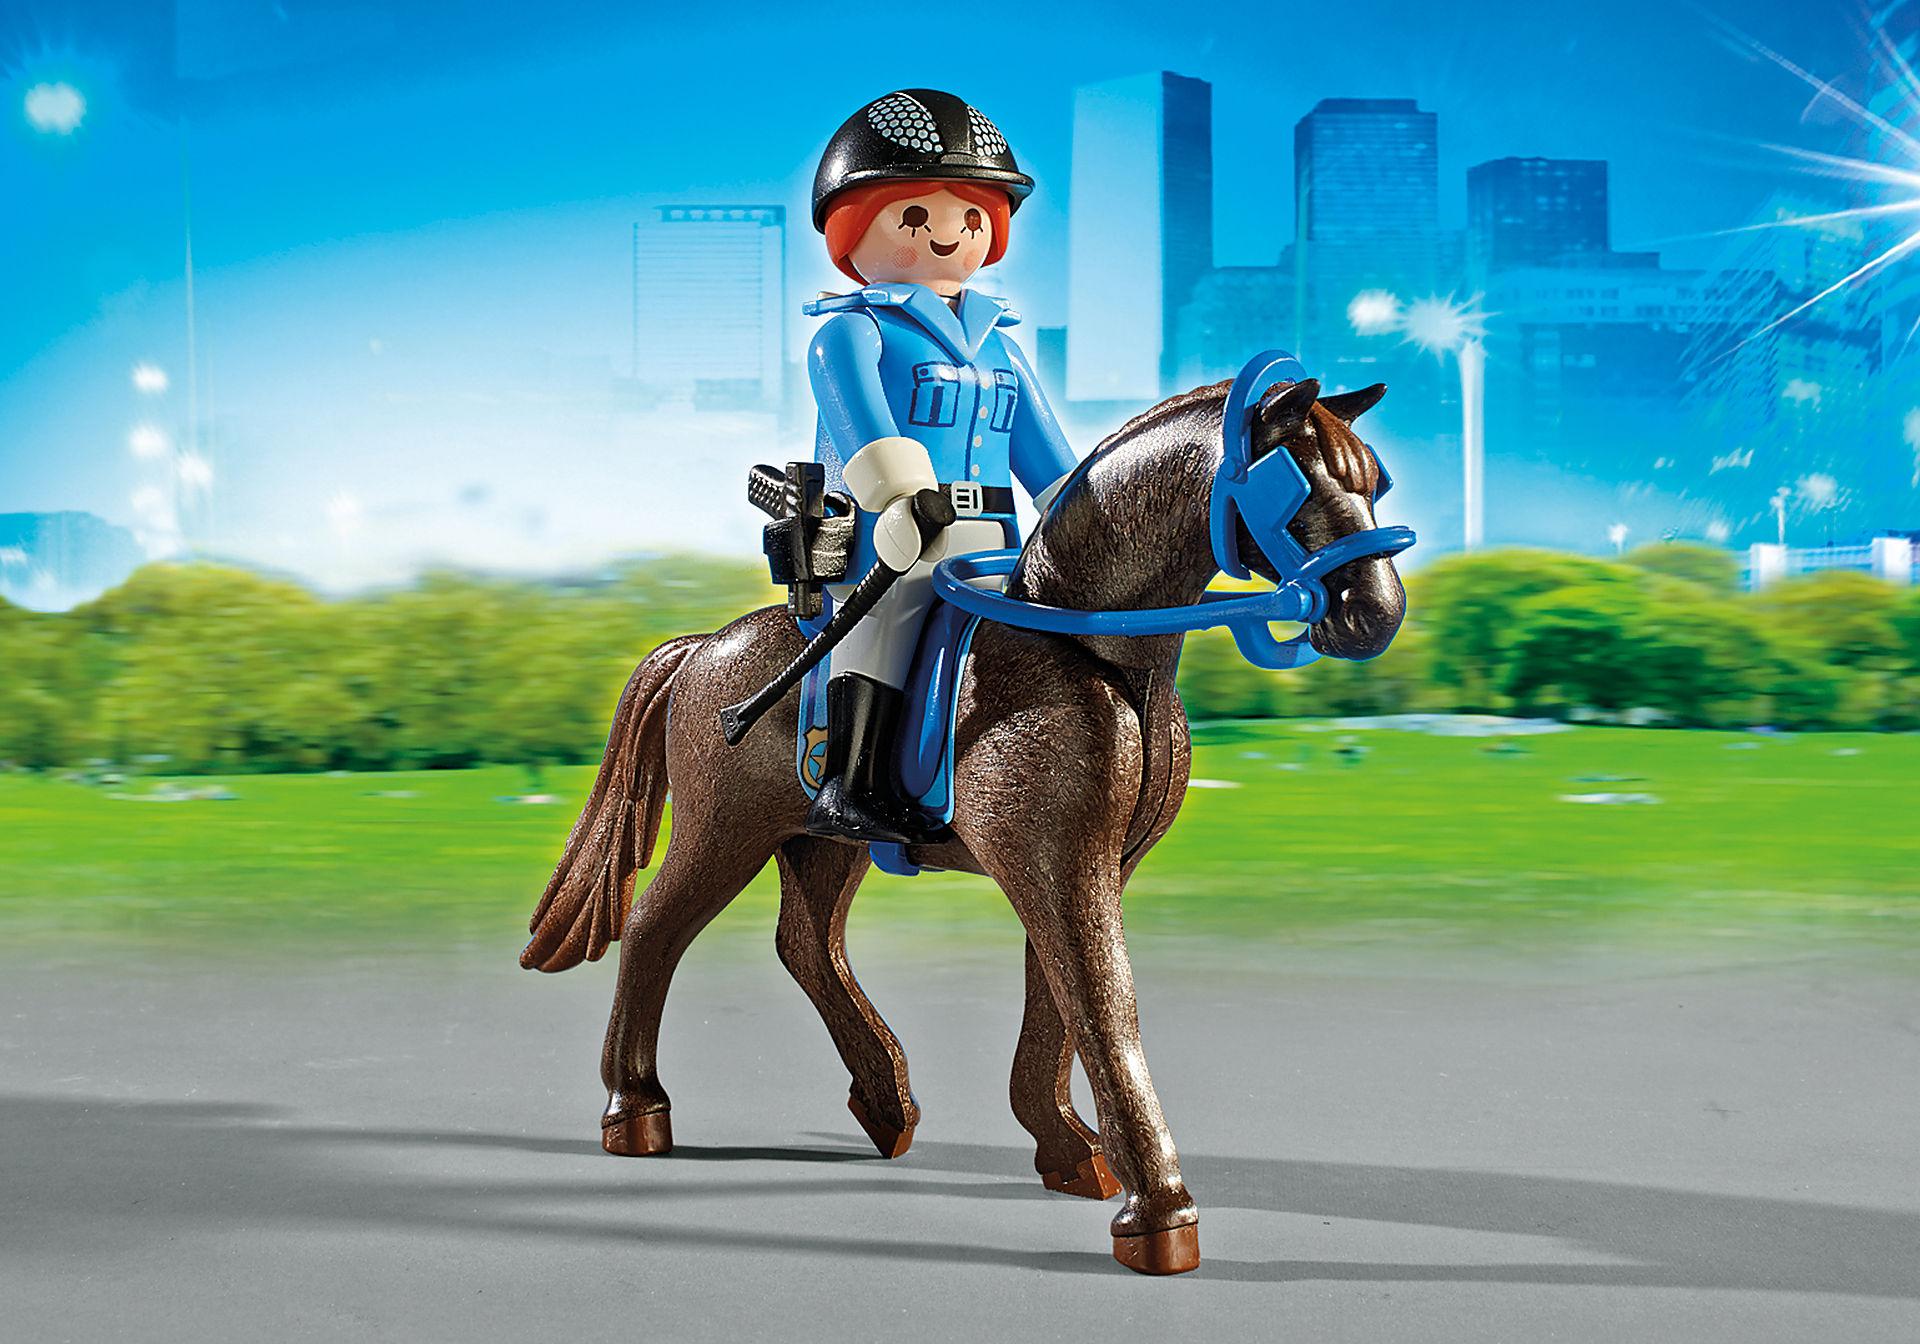 6922 Polizeipferd mit Anhänger zoom image6